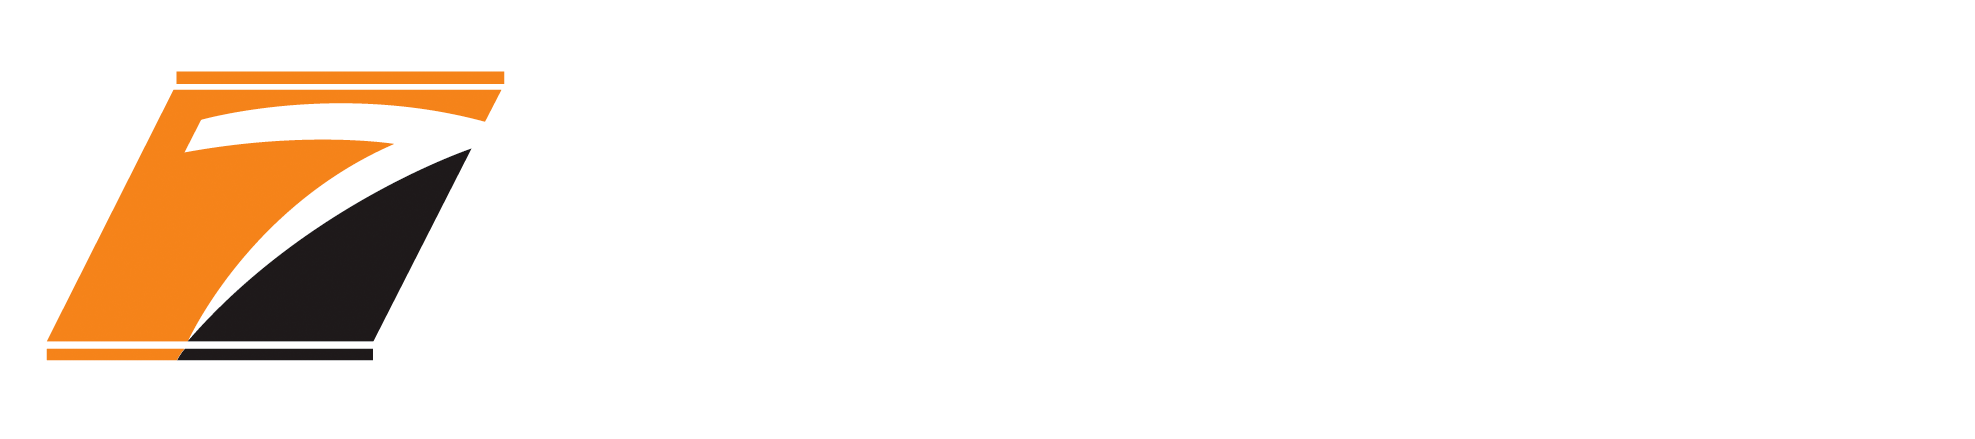 Network 7 Media Center